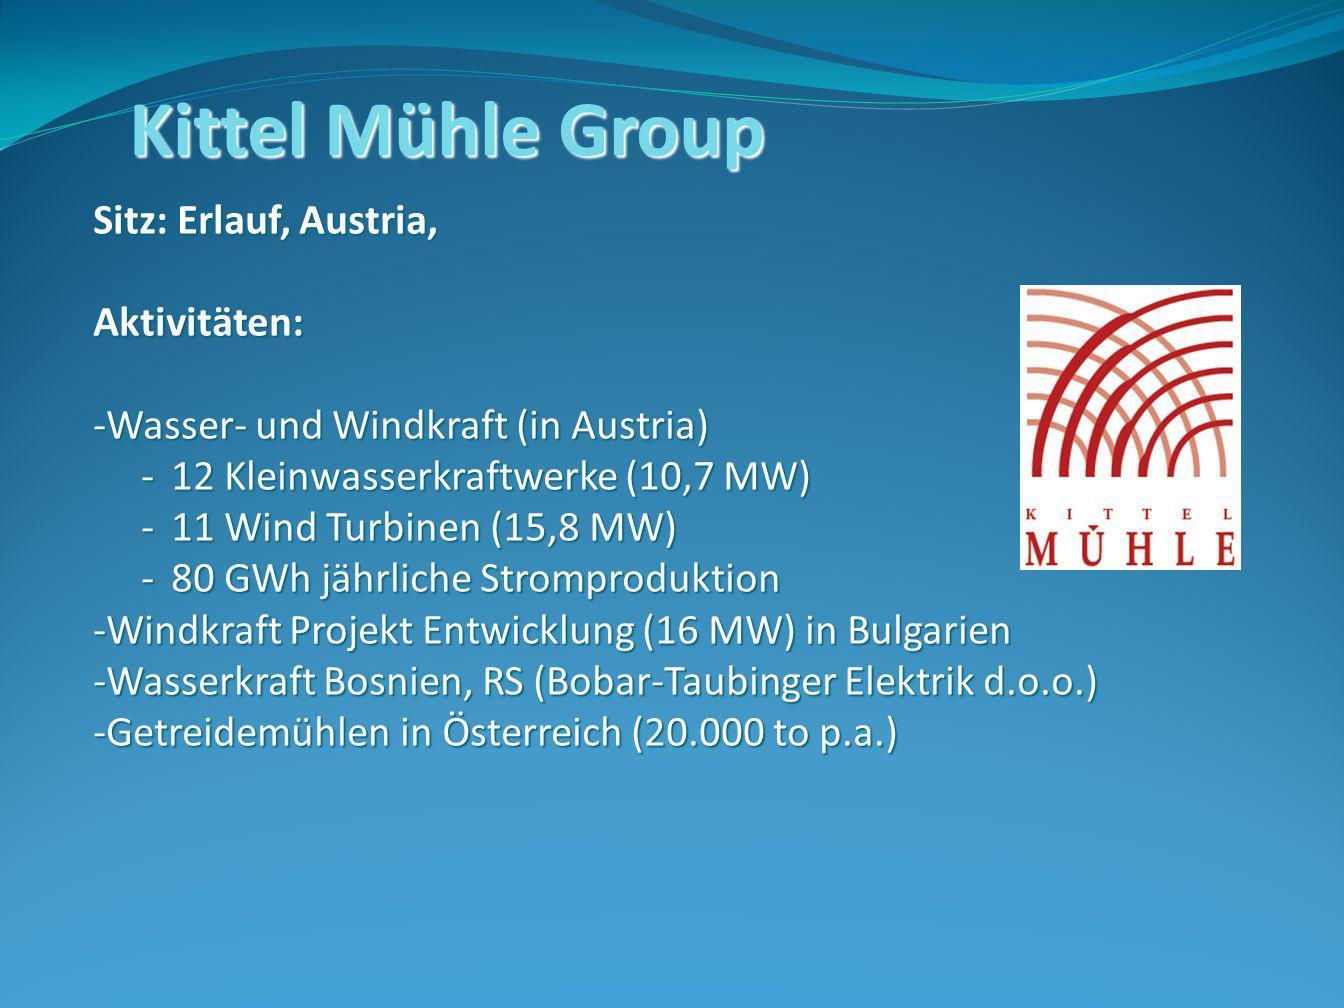 Kittel Mühle Group Sitz: Erlauf, Austria, Aktivitäten: -Wasser- und Windkraft (in Austria) -12 Kleinwasserkraftwerke (10,7 MW) -11 Wind Turbinen (15,8